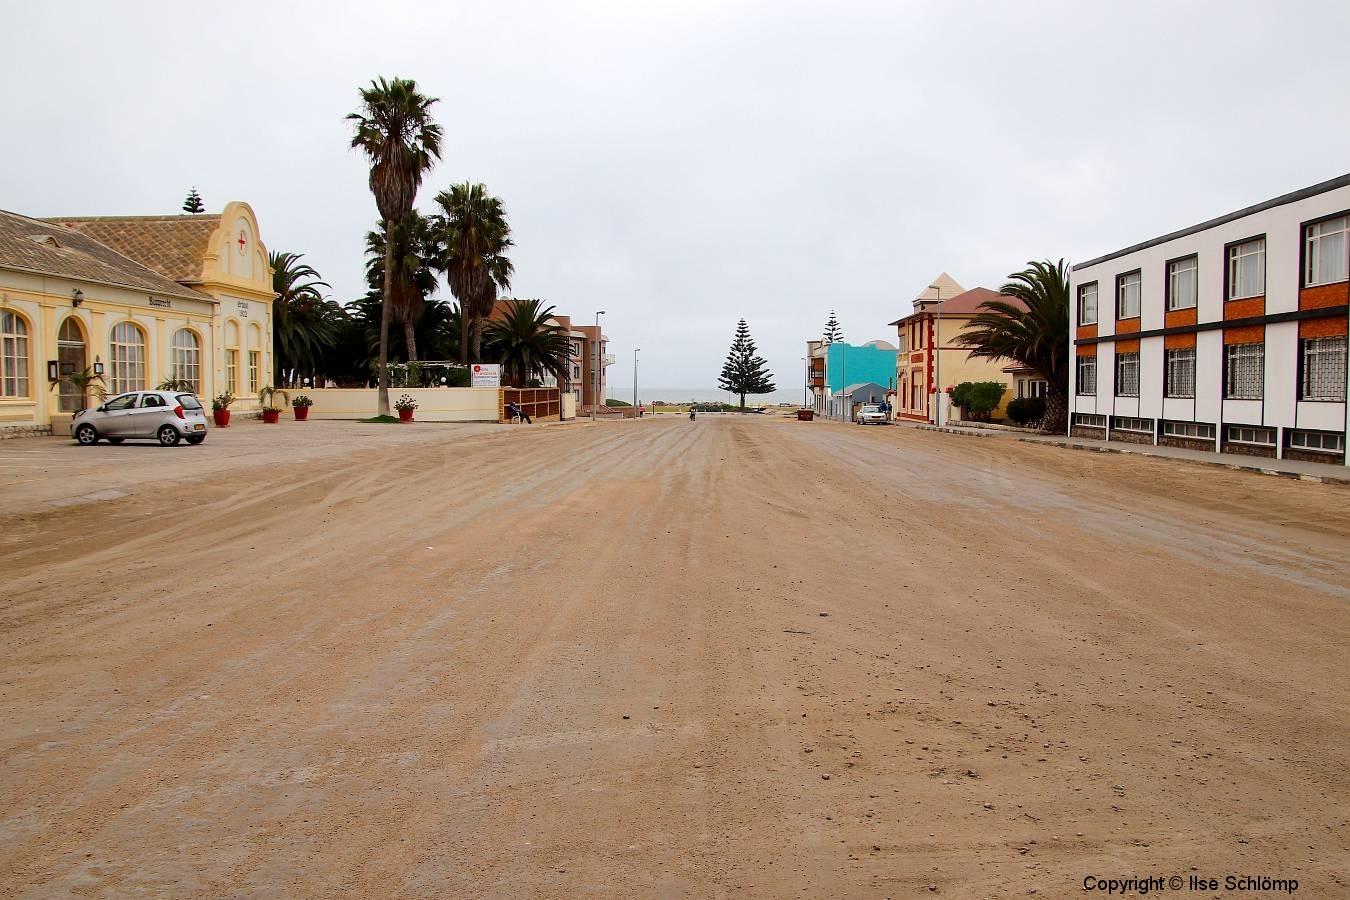 Namibia, Swakopmund, Straßenansicht